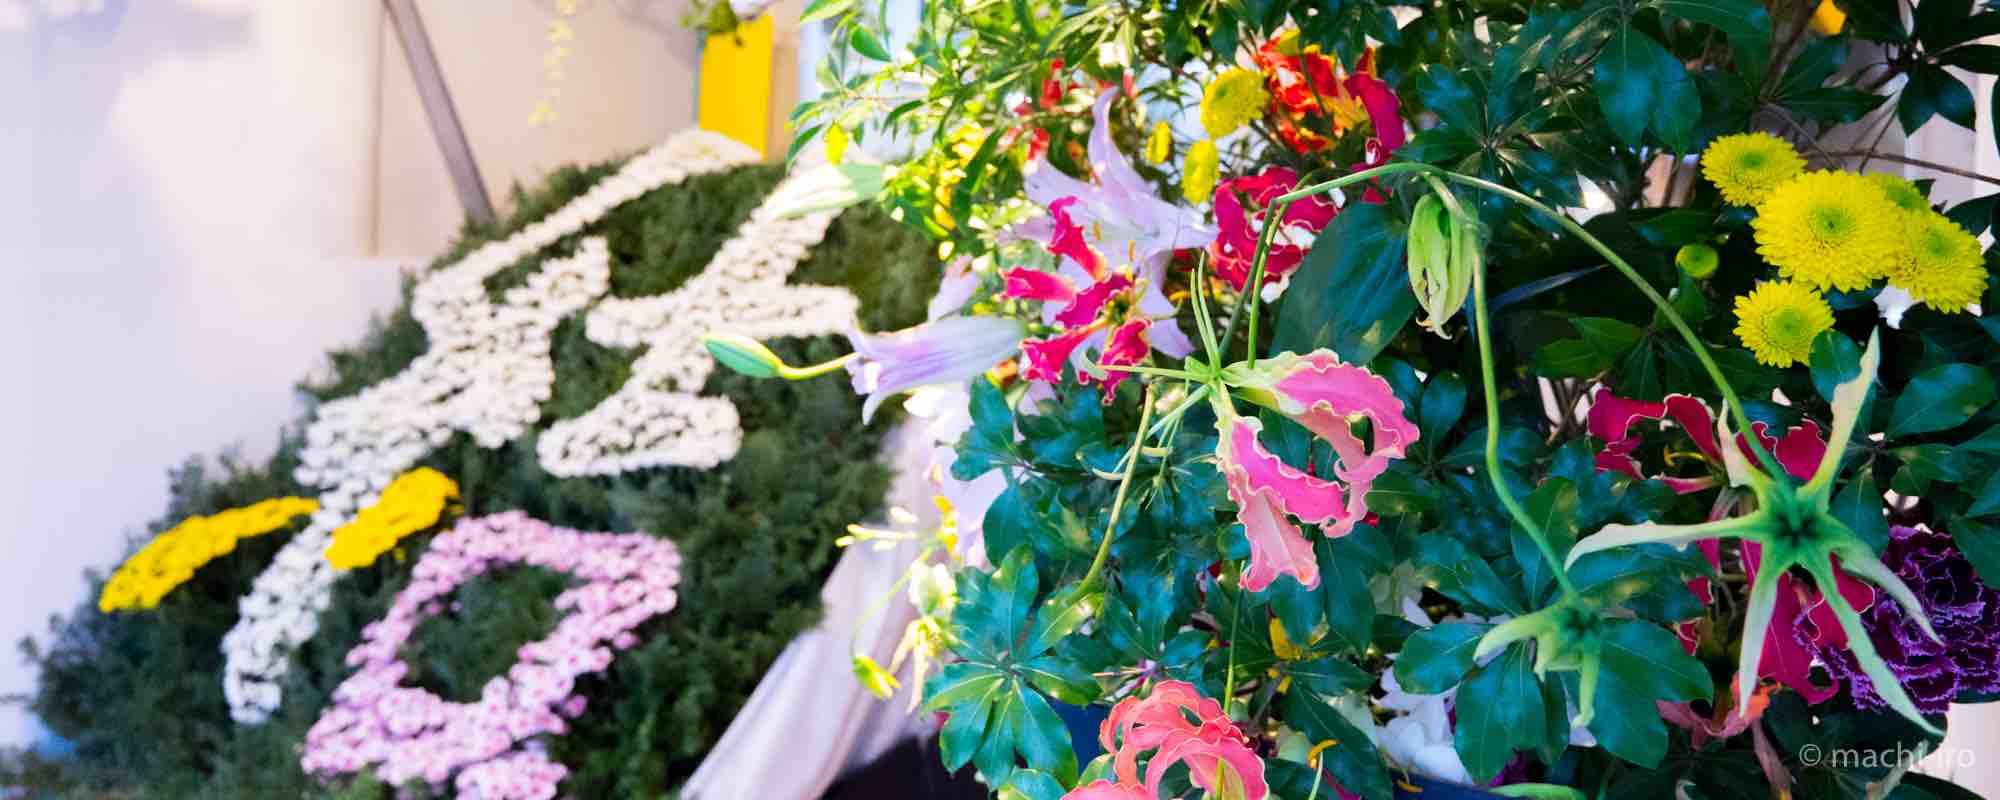 素敵な花のある暮らしをH.O PROJECTとともに